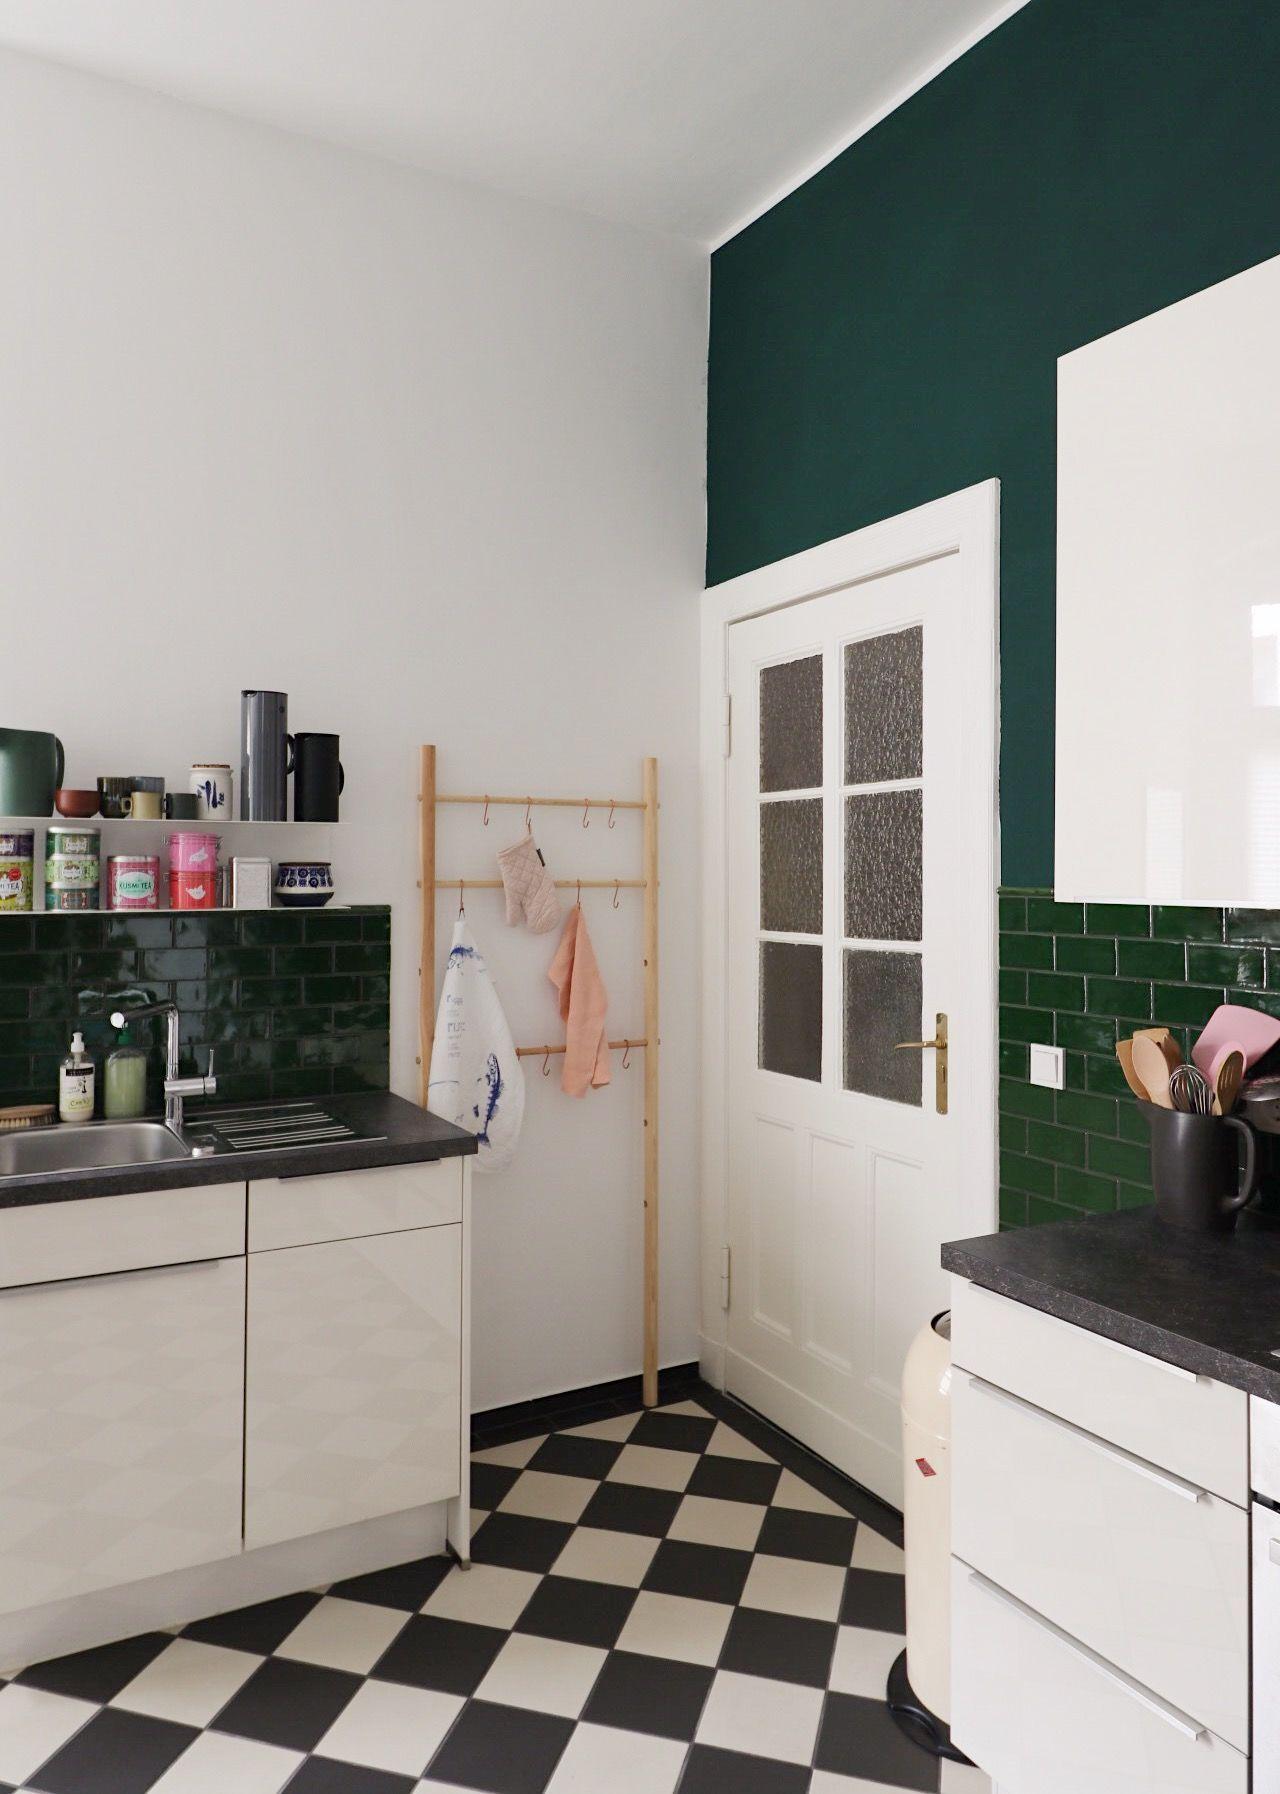 Full Size of Wandfarben Für Küche Schne Ideen Fr Wandfarbe In Der Kche Nolte Deckenleuchte Edelstahlküche Folie Fenster Unterschrank Hängeschrank Glastüren Armaturen Wohnzimmer Wandfarben Für Küche